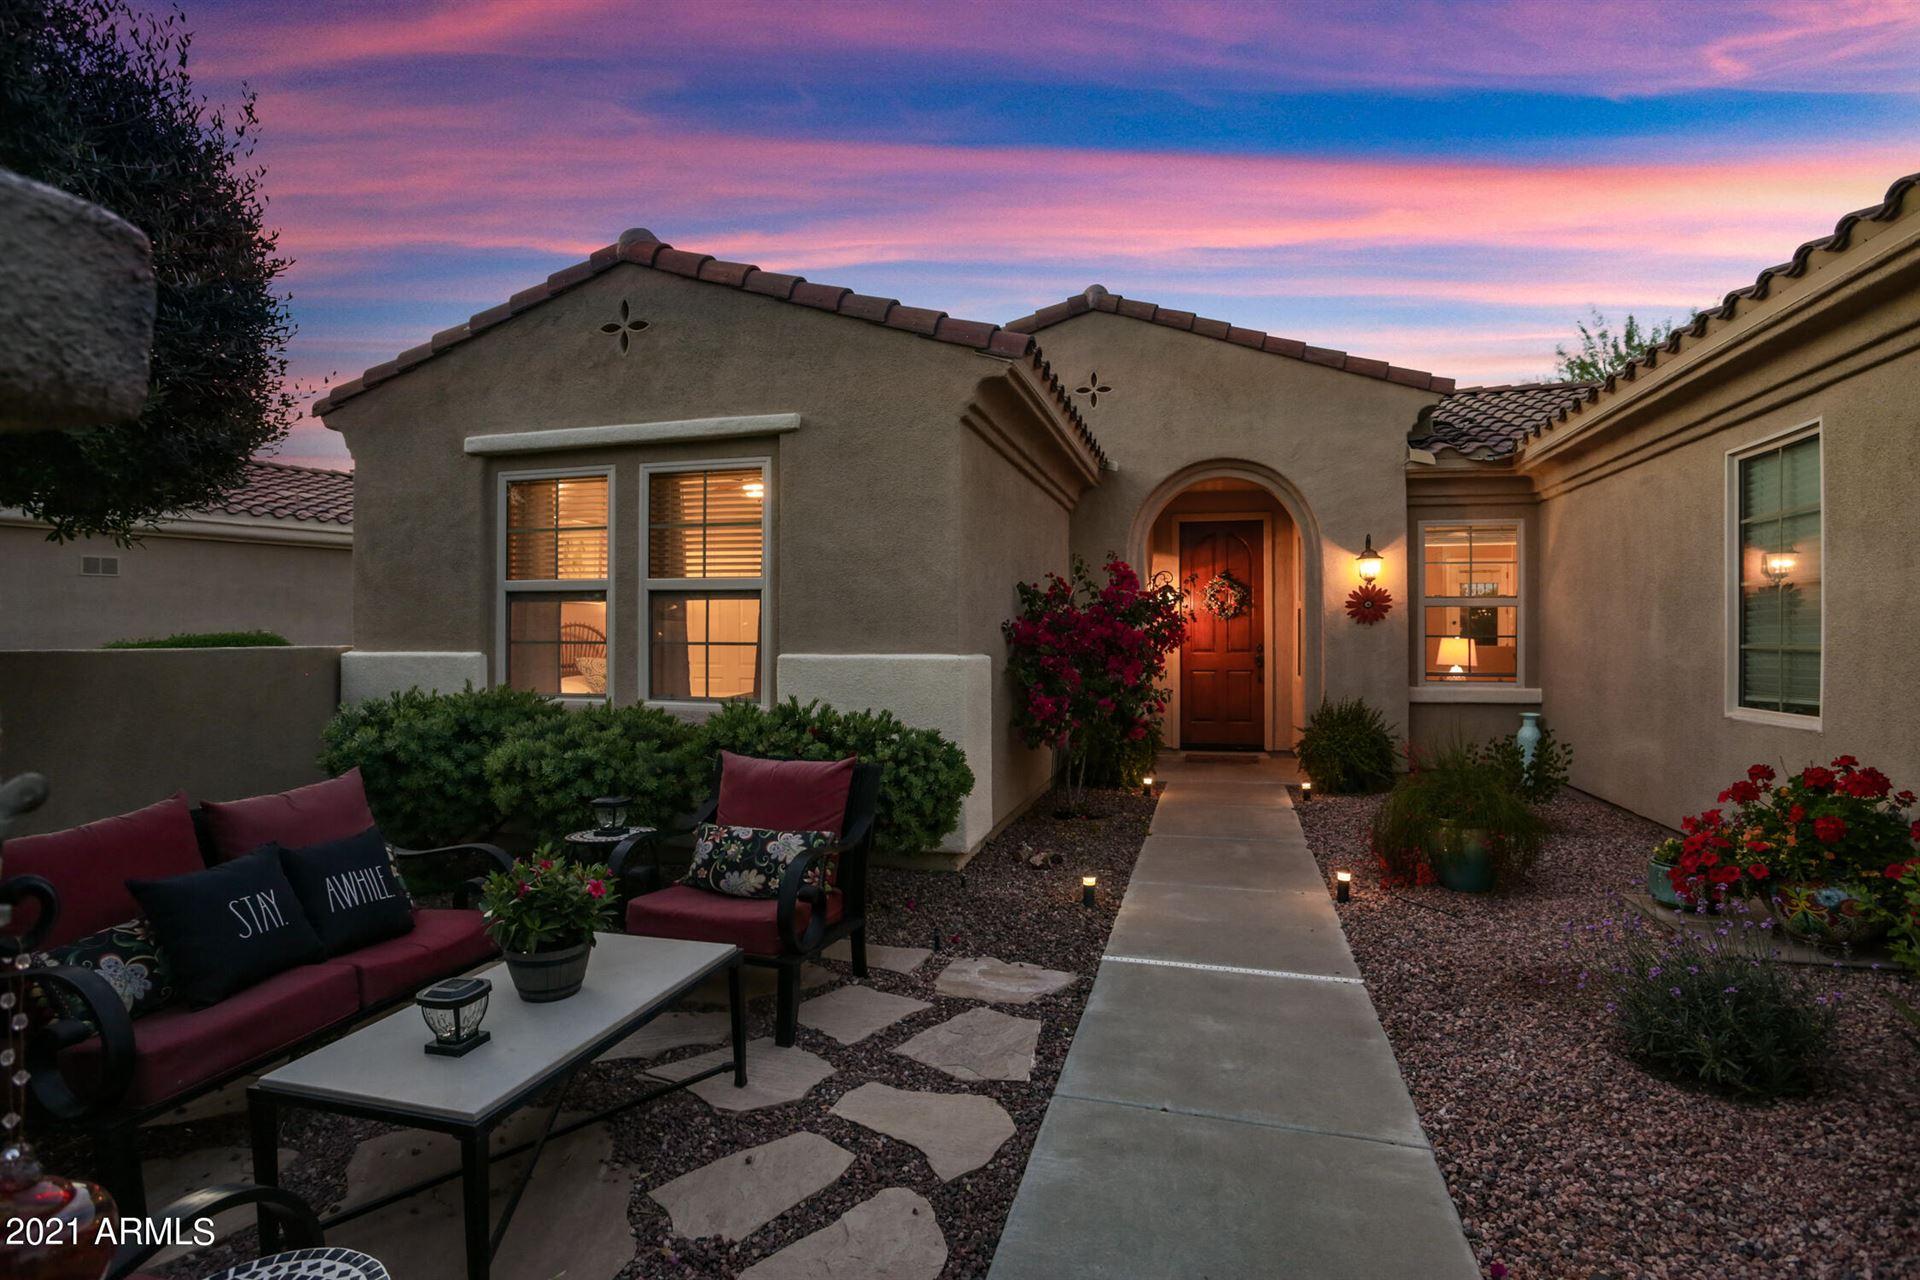 Photo of 13540 W NOGALES Drive, Sun City West, AZ 85375 (MLS # 6221418)